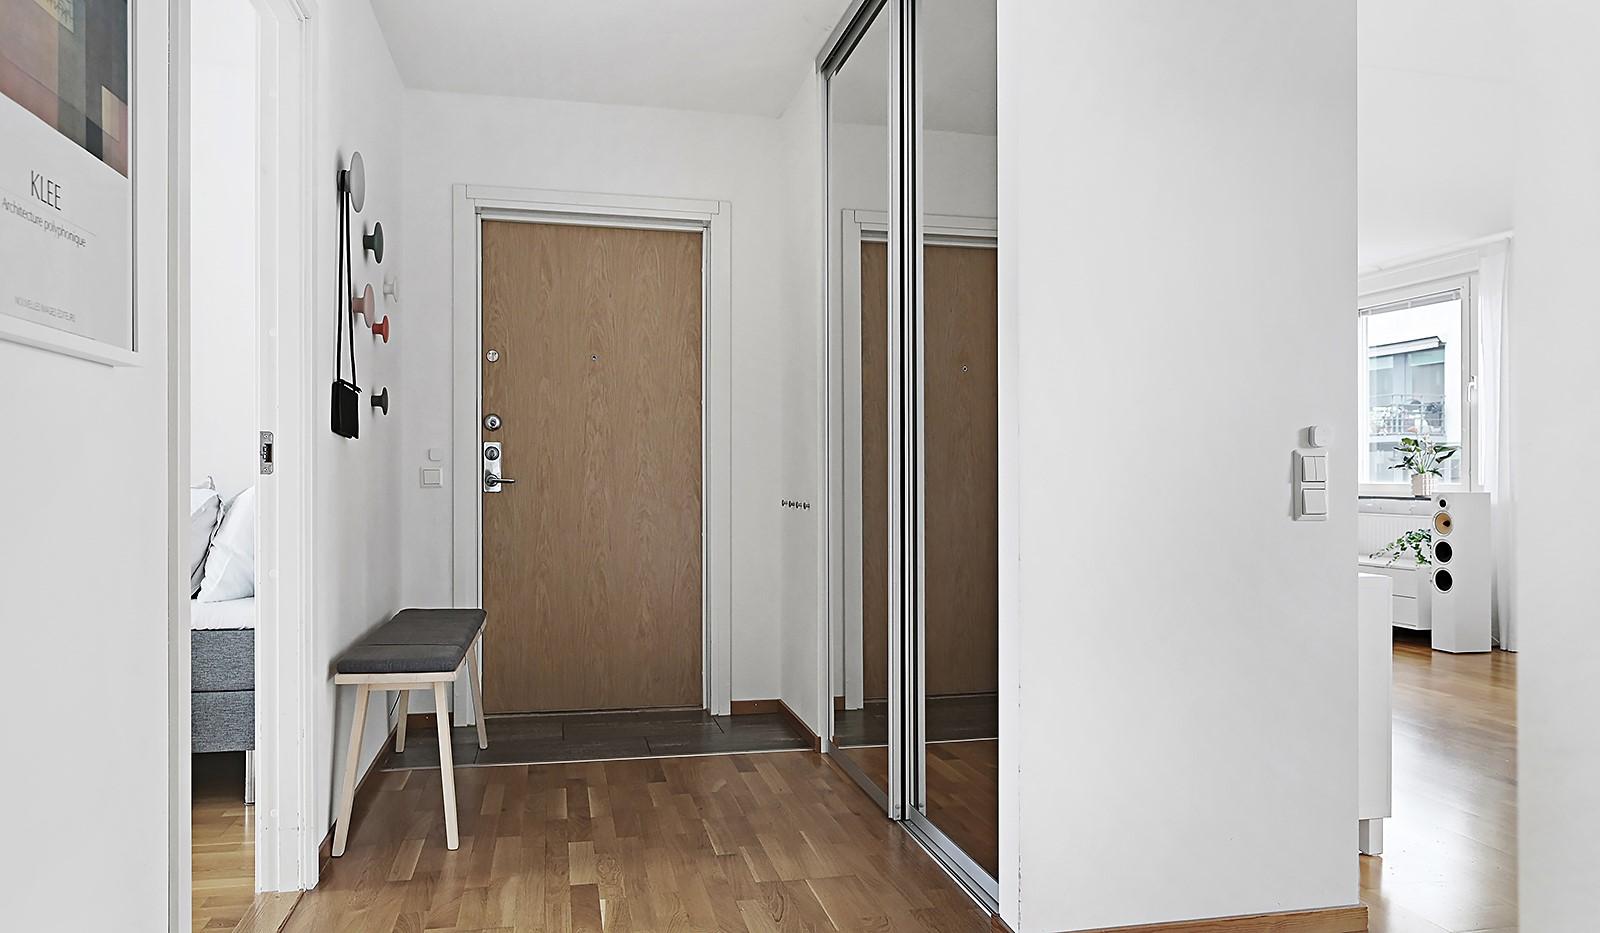 Grönbrinksgatan 8, 6 tr - Vid entrén ligger ett praktiskt instegsklinker